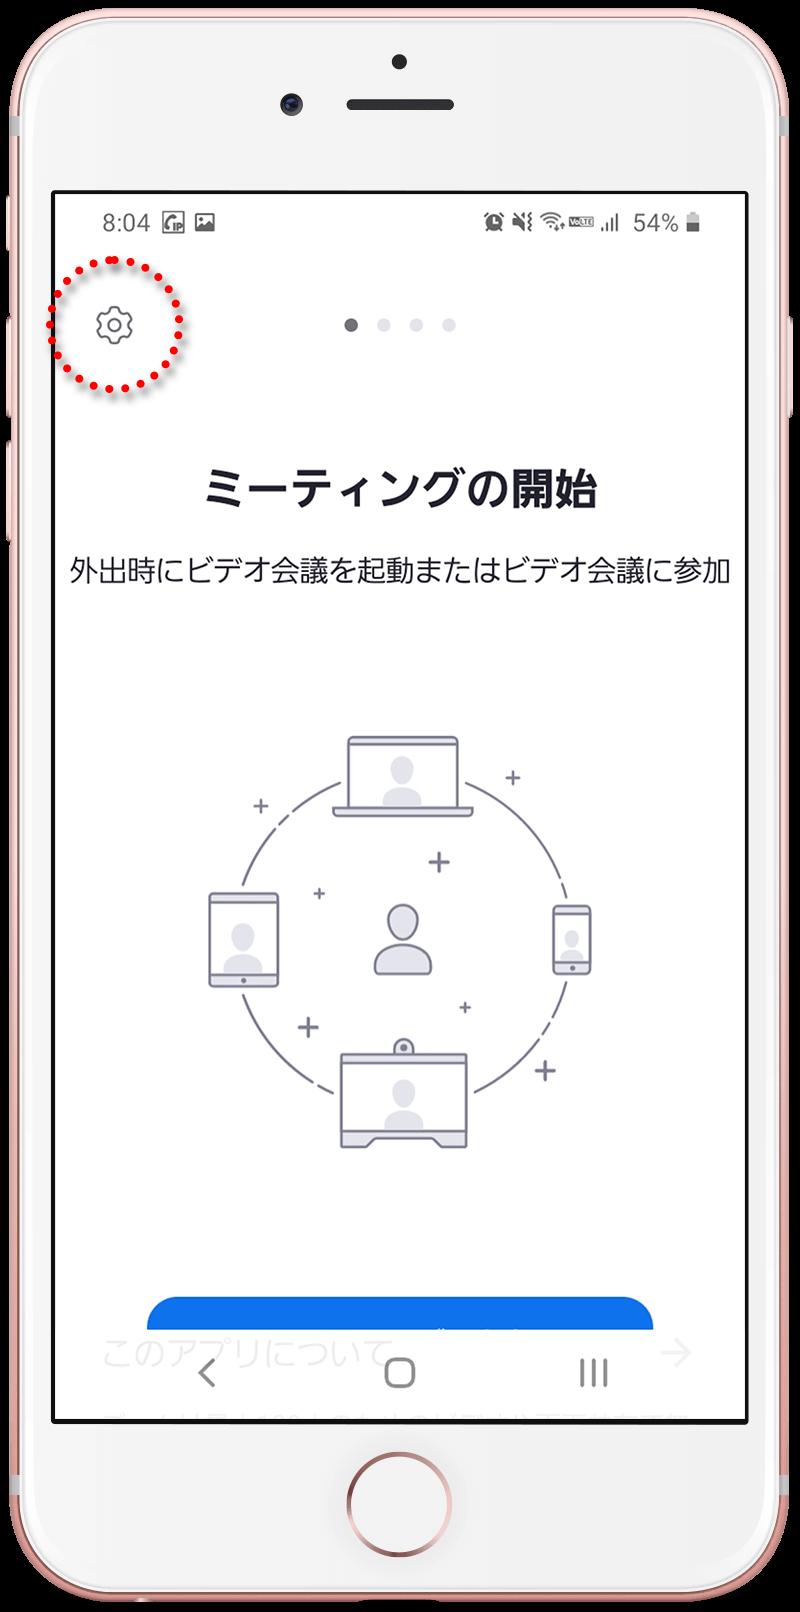 スマホにZoomアプリをインストールしてオンライン個別見学に参加設定画像1